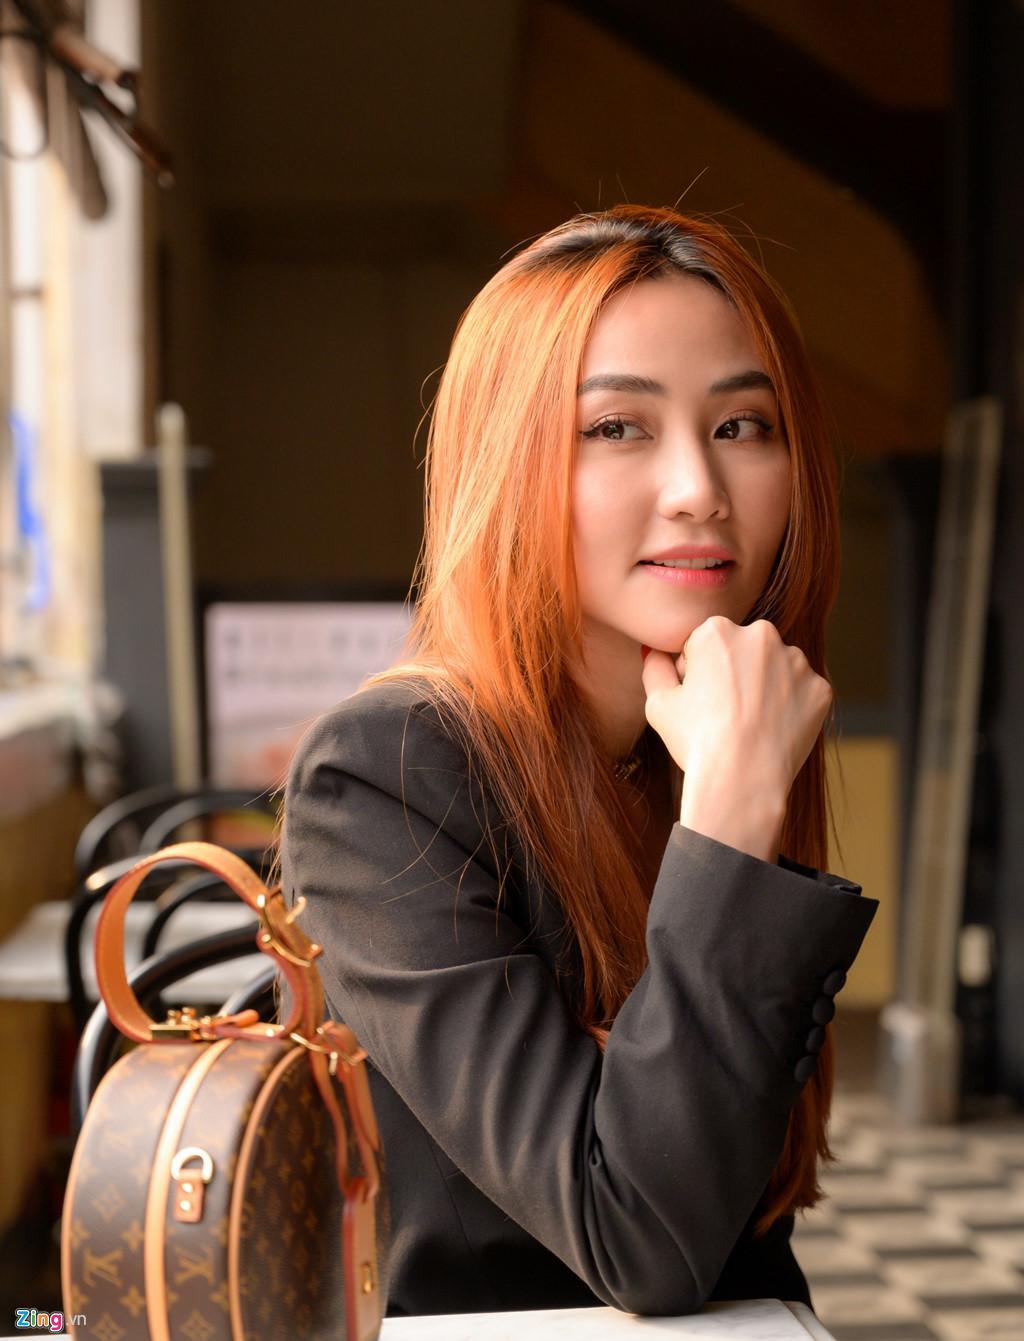 Ngân Khánh: 'Vợ chồng tôi căng thẳng chuyện sinh con sau 4 năm cưới' Ảnh 4